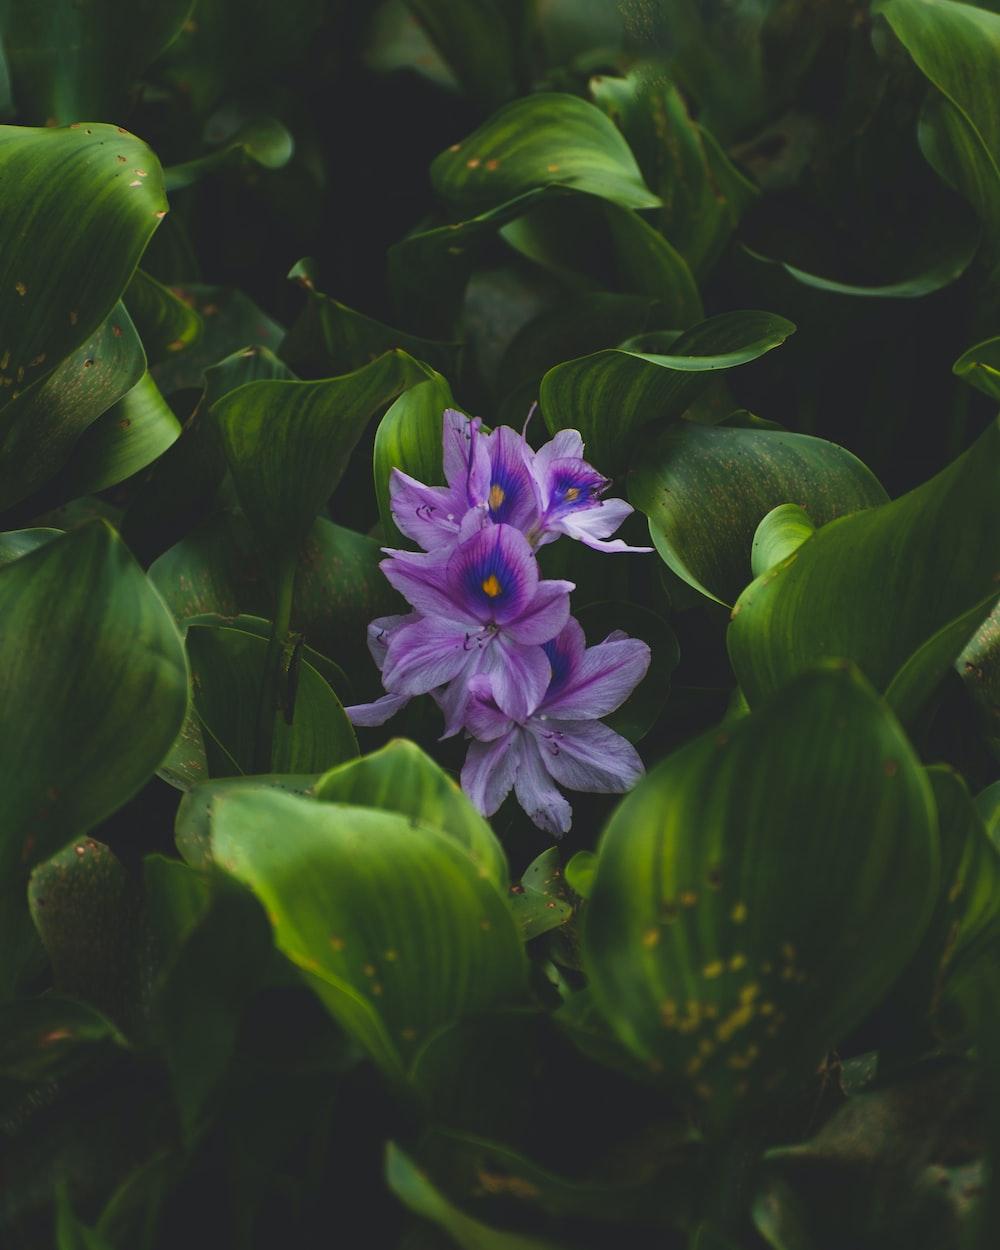 purple flower in green leaves